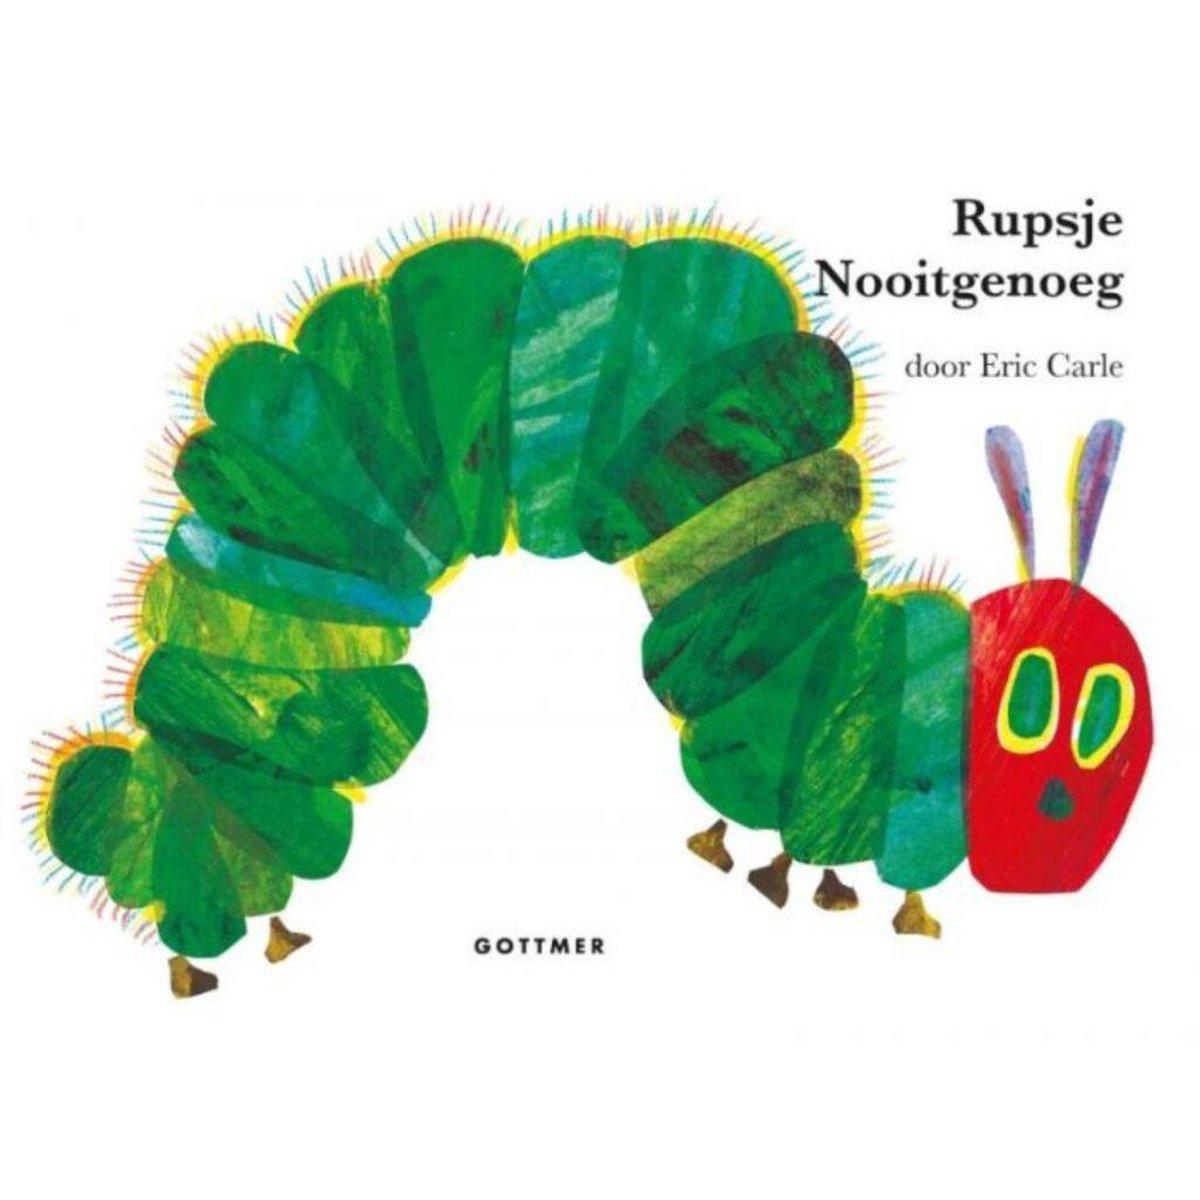 bol.com | Rupsje Nooitgenoeg - Rupsje Nooitgenoeg, Eric Carle |  9789025755348 | Boeken